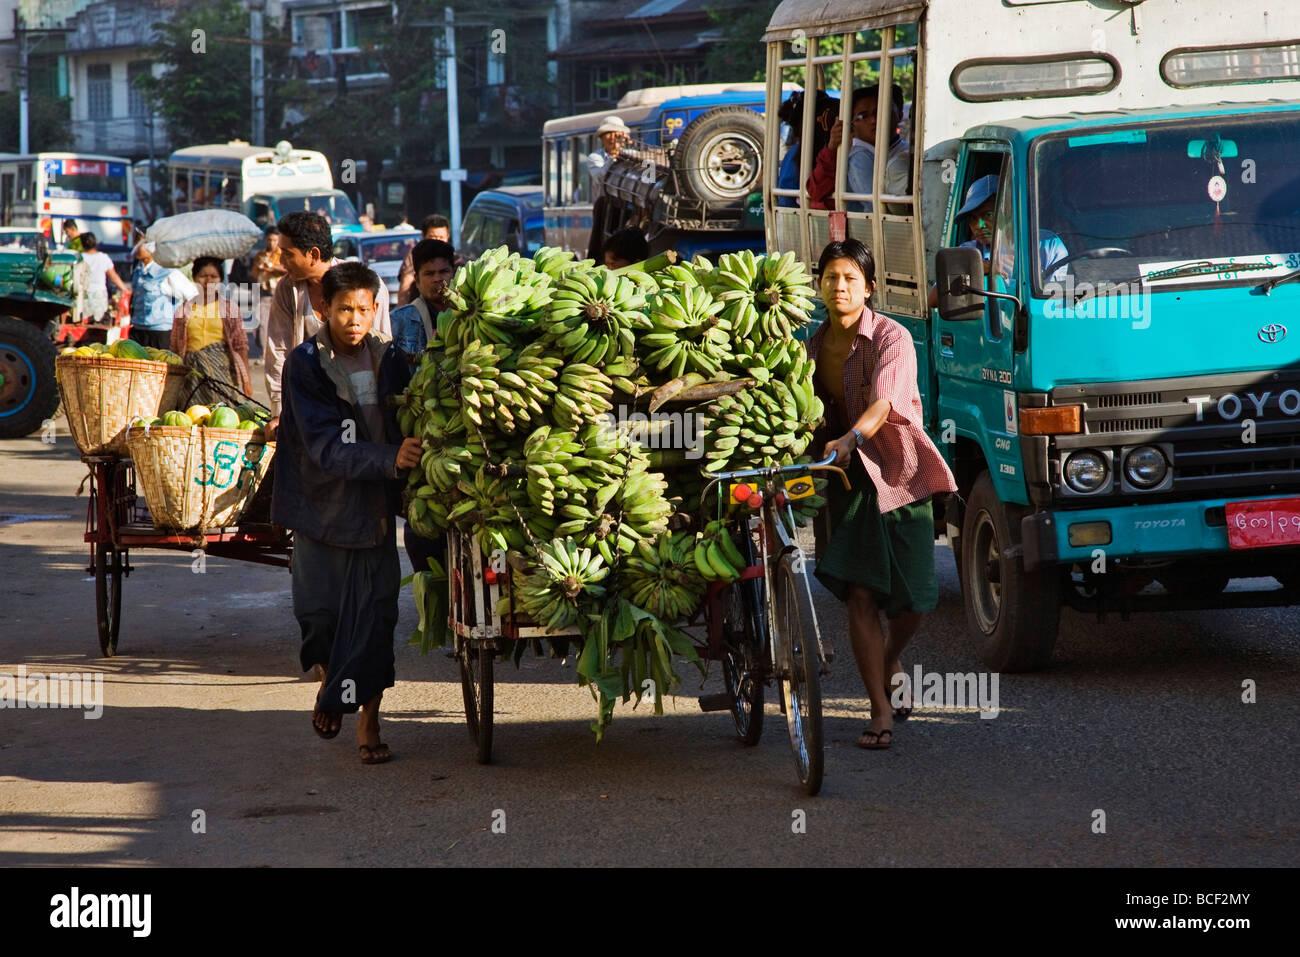 Le Myanmar, Birmanie, Yangon. Une longue scène de rue à Yangon avec trishaws laden avec fruit la position de marché. Banque D'Images